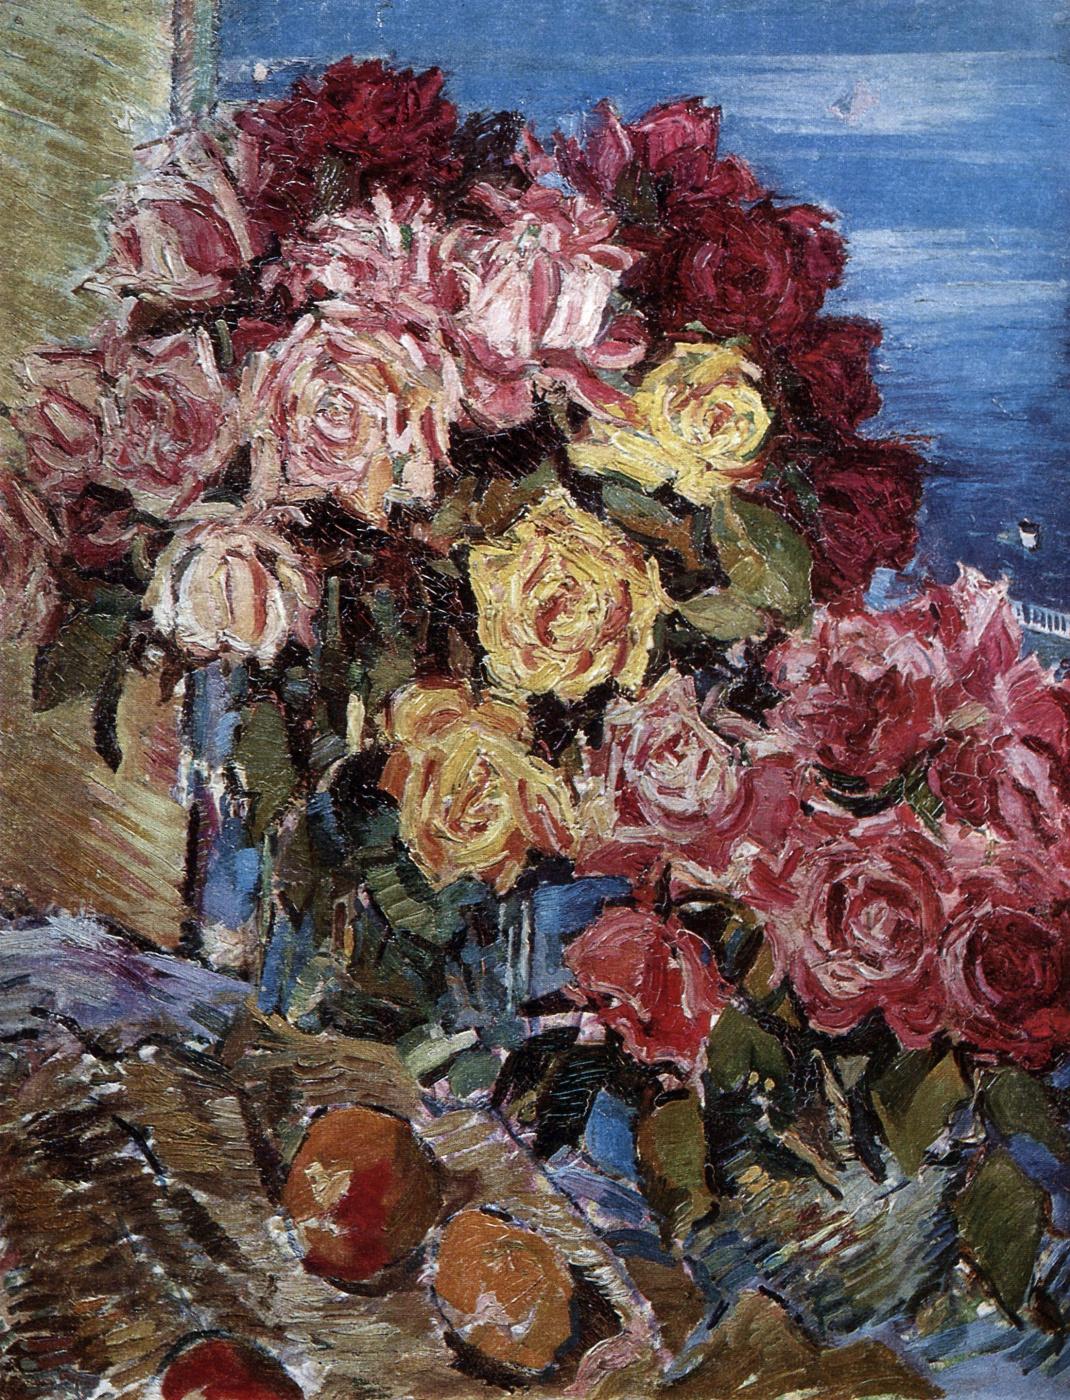 Konstantin Korovin. Rose against the sea